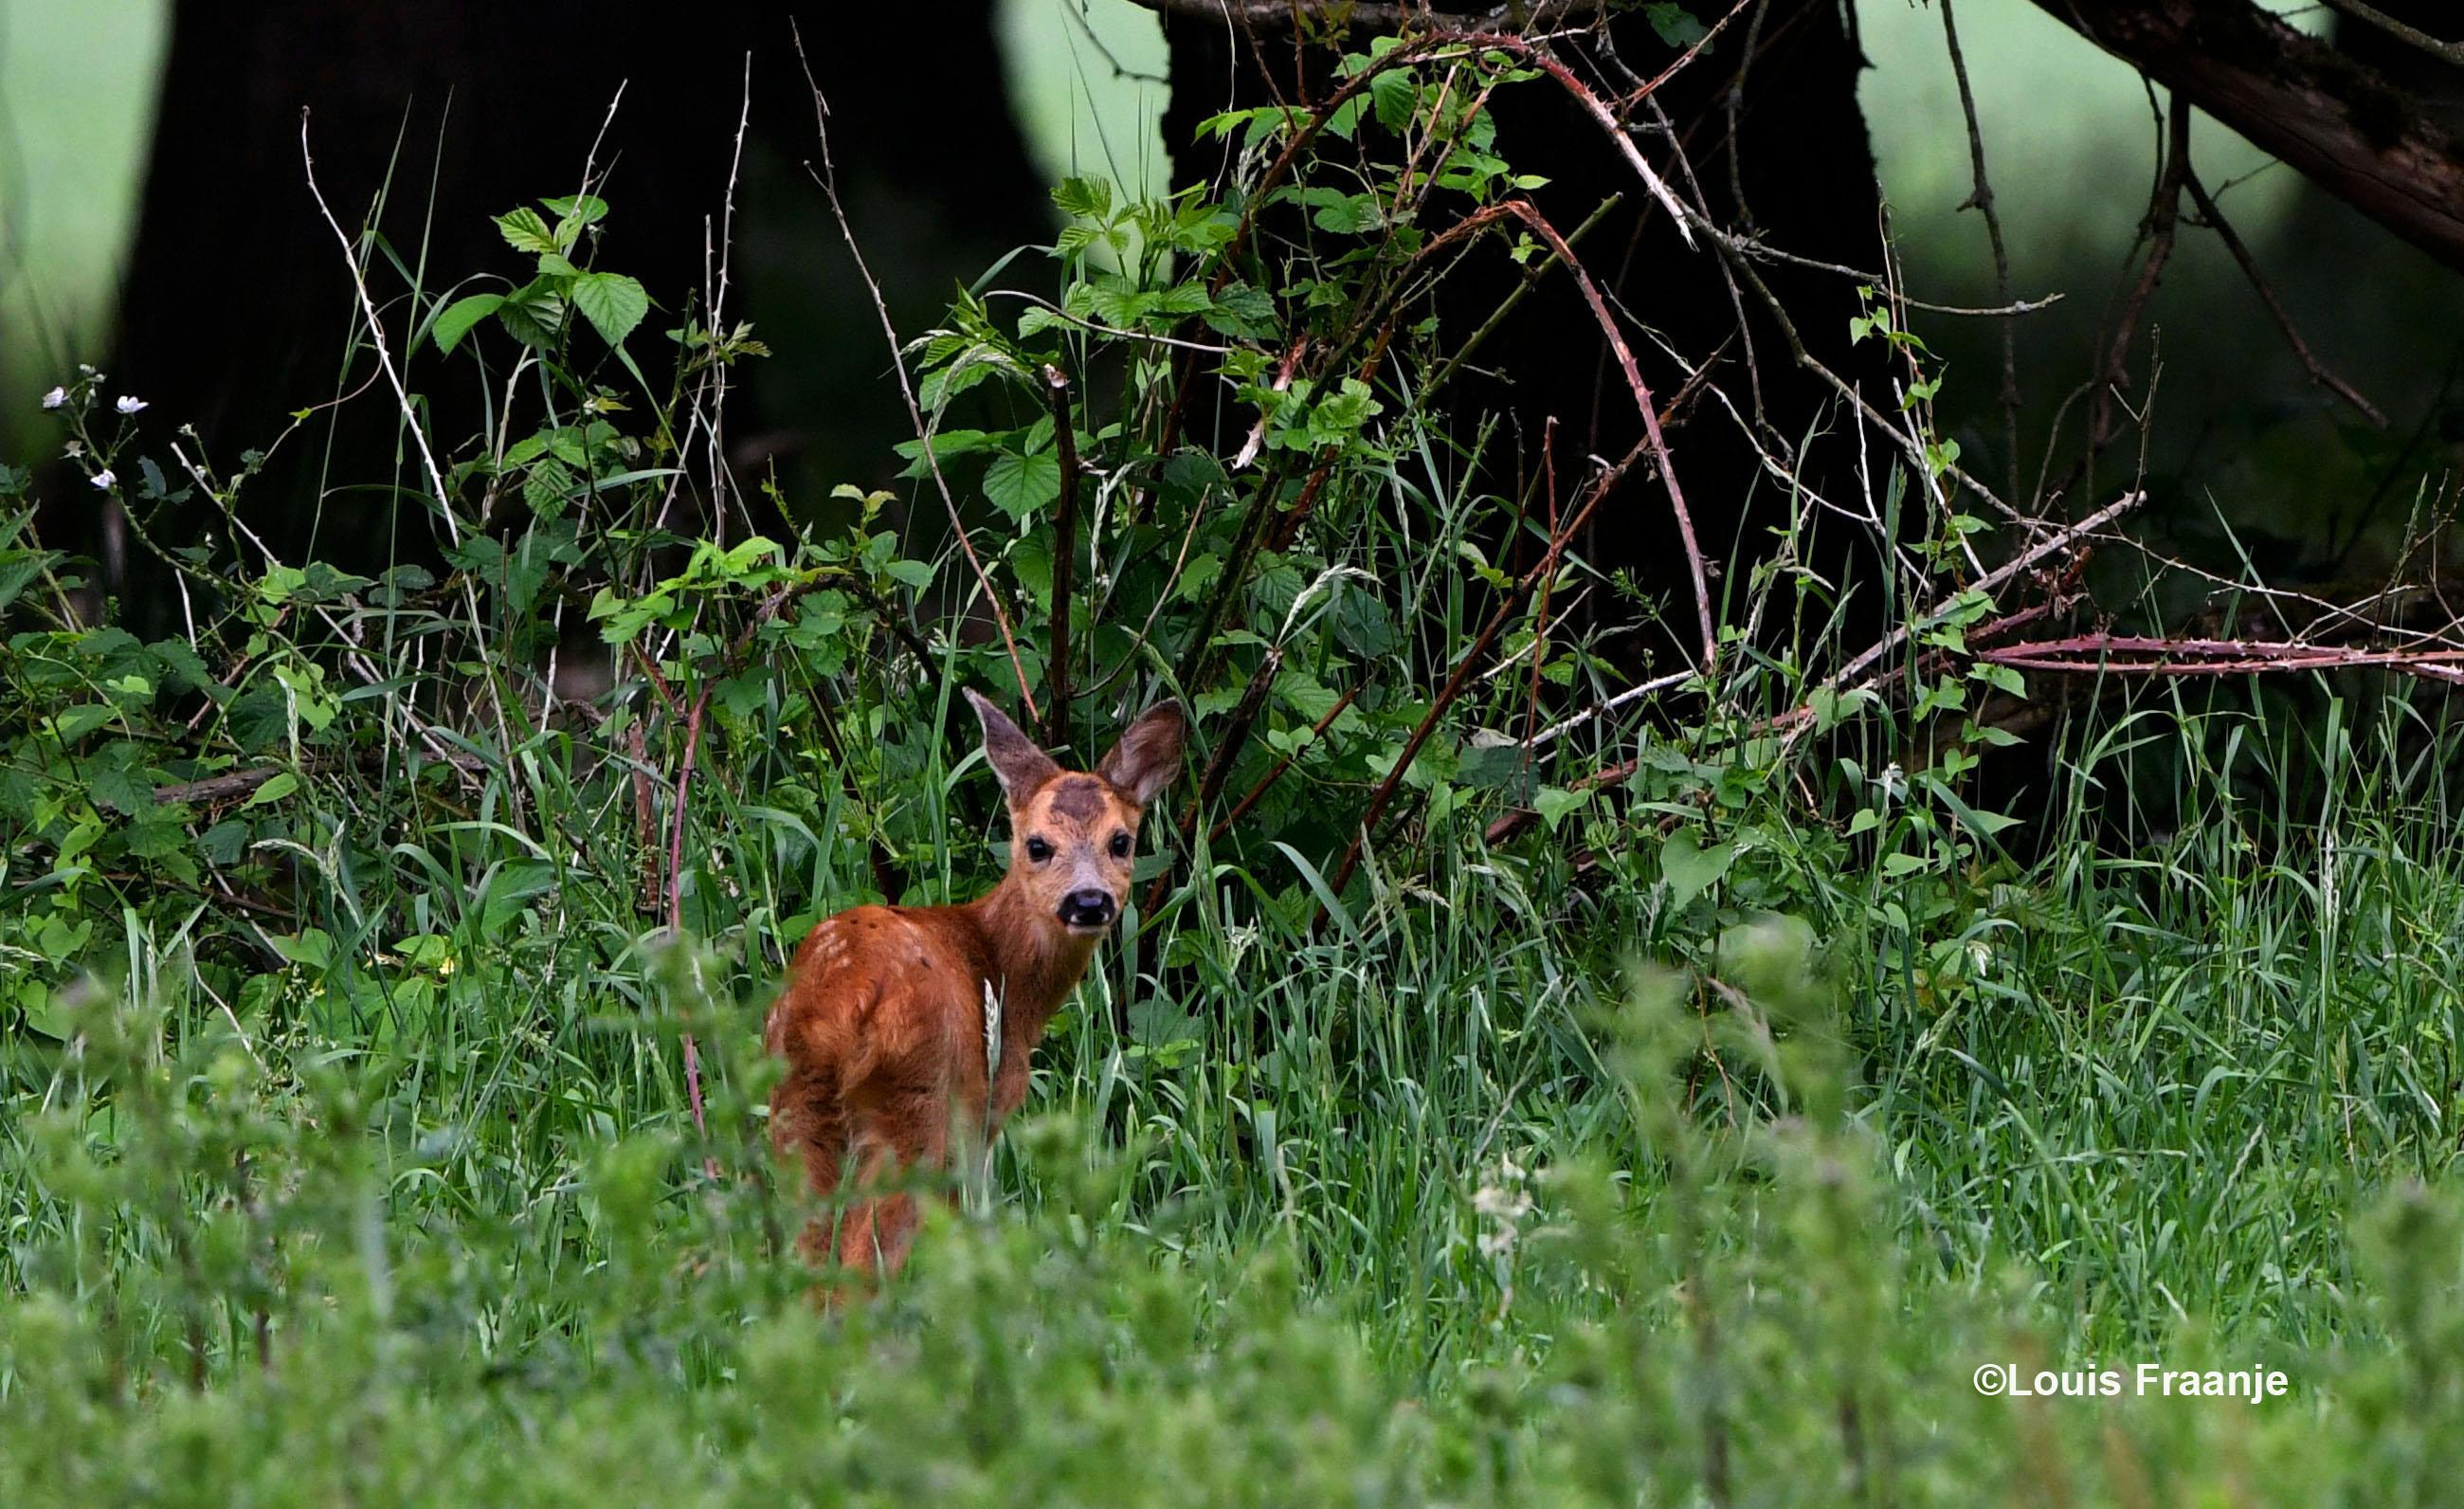 Heel nieuwsgierig stond de kleine om zich heen te kijken en met de oortjes te draaien - Foto: ©Louis Fraanje